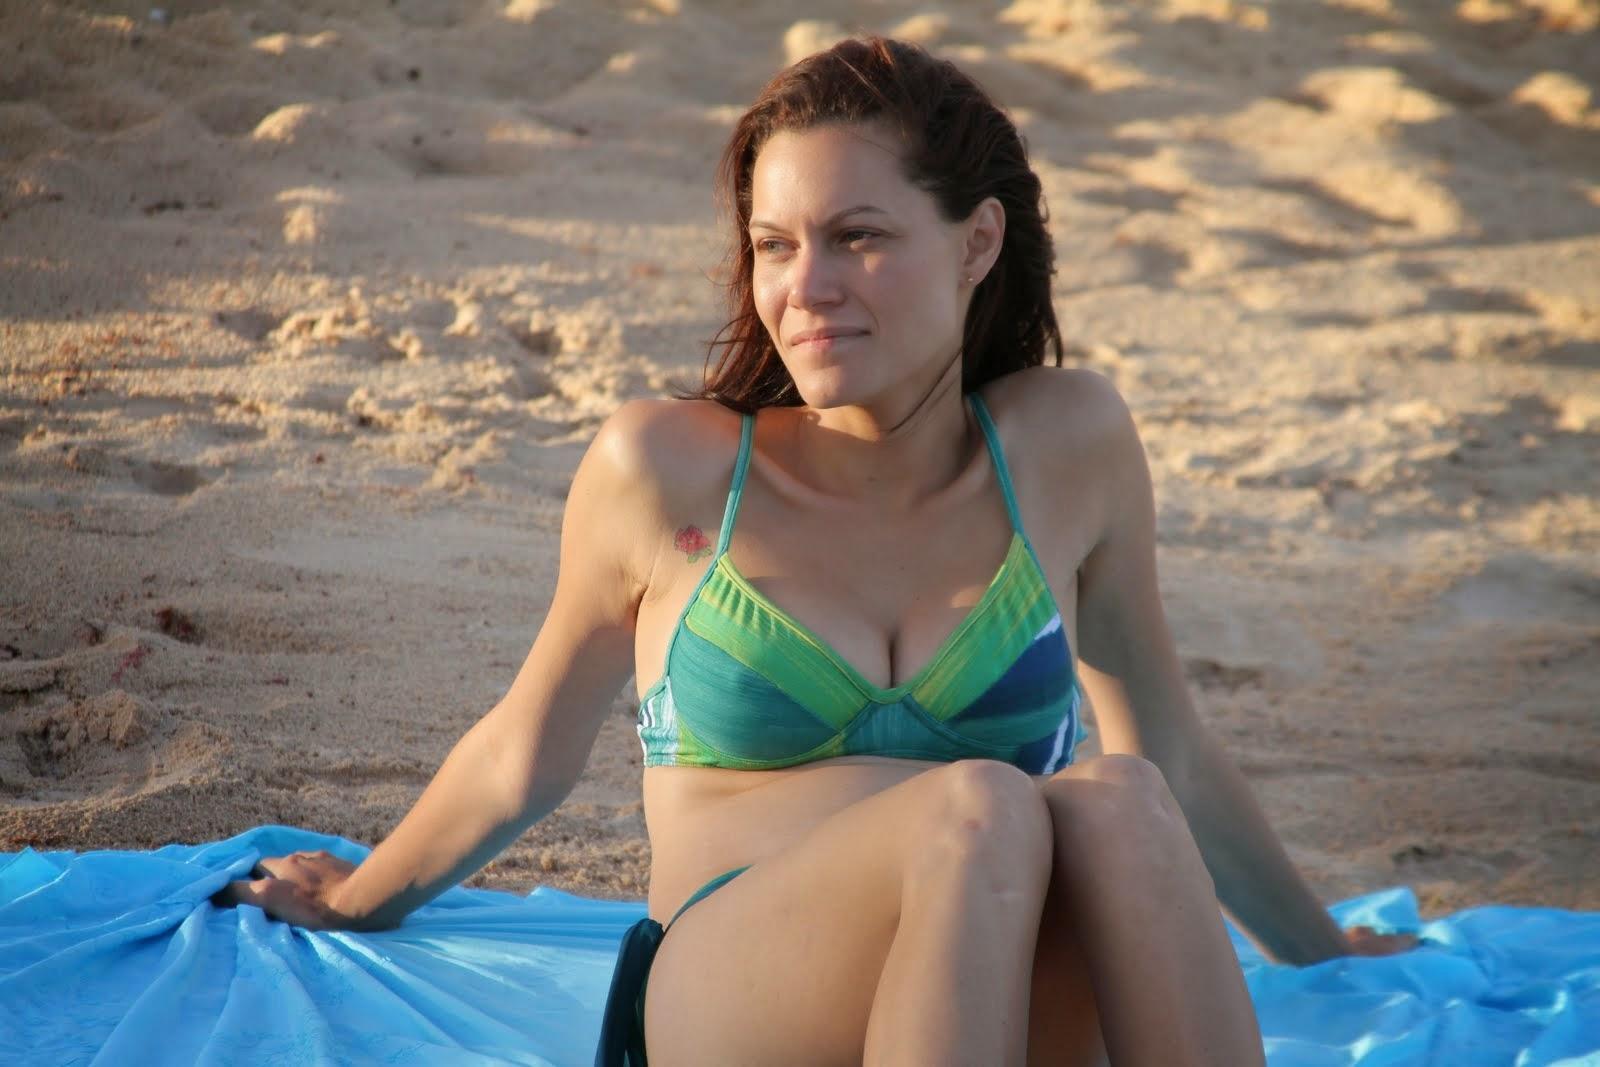 Paparazzi Swimsuit Sari Lennick  nudes (86 pics), Twitter, panties